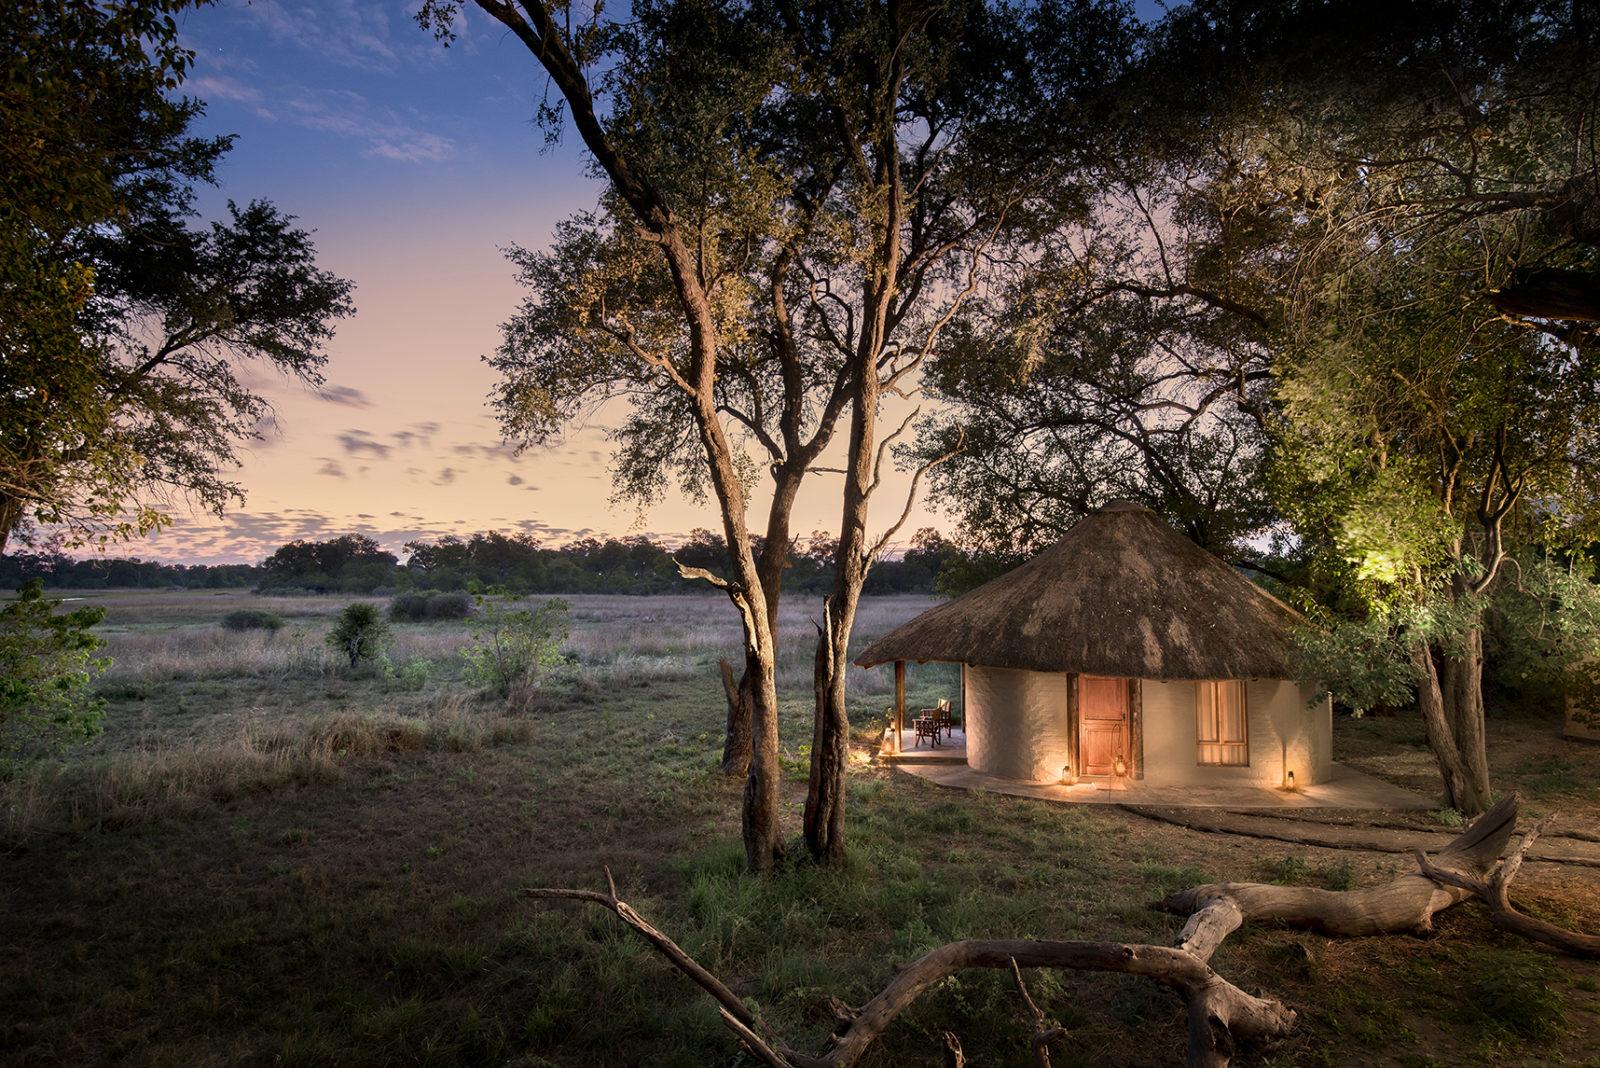 Khwai Bush Camps accommodation at dusk